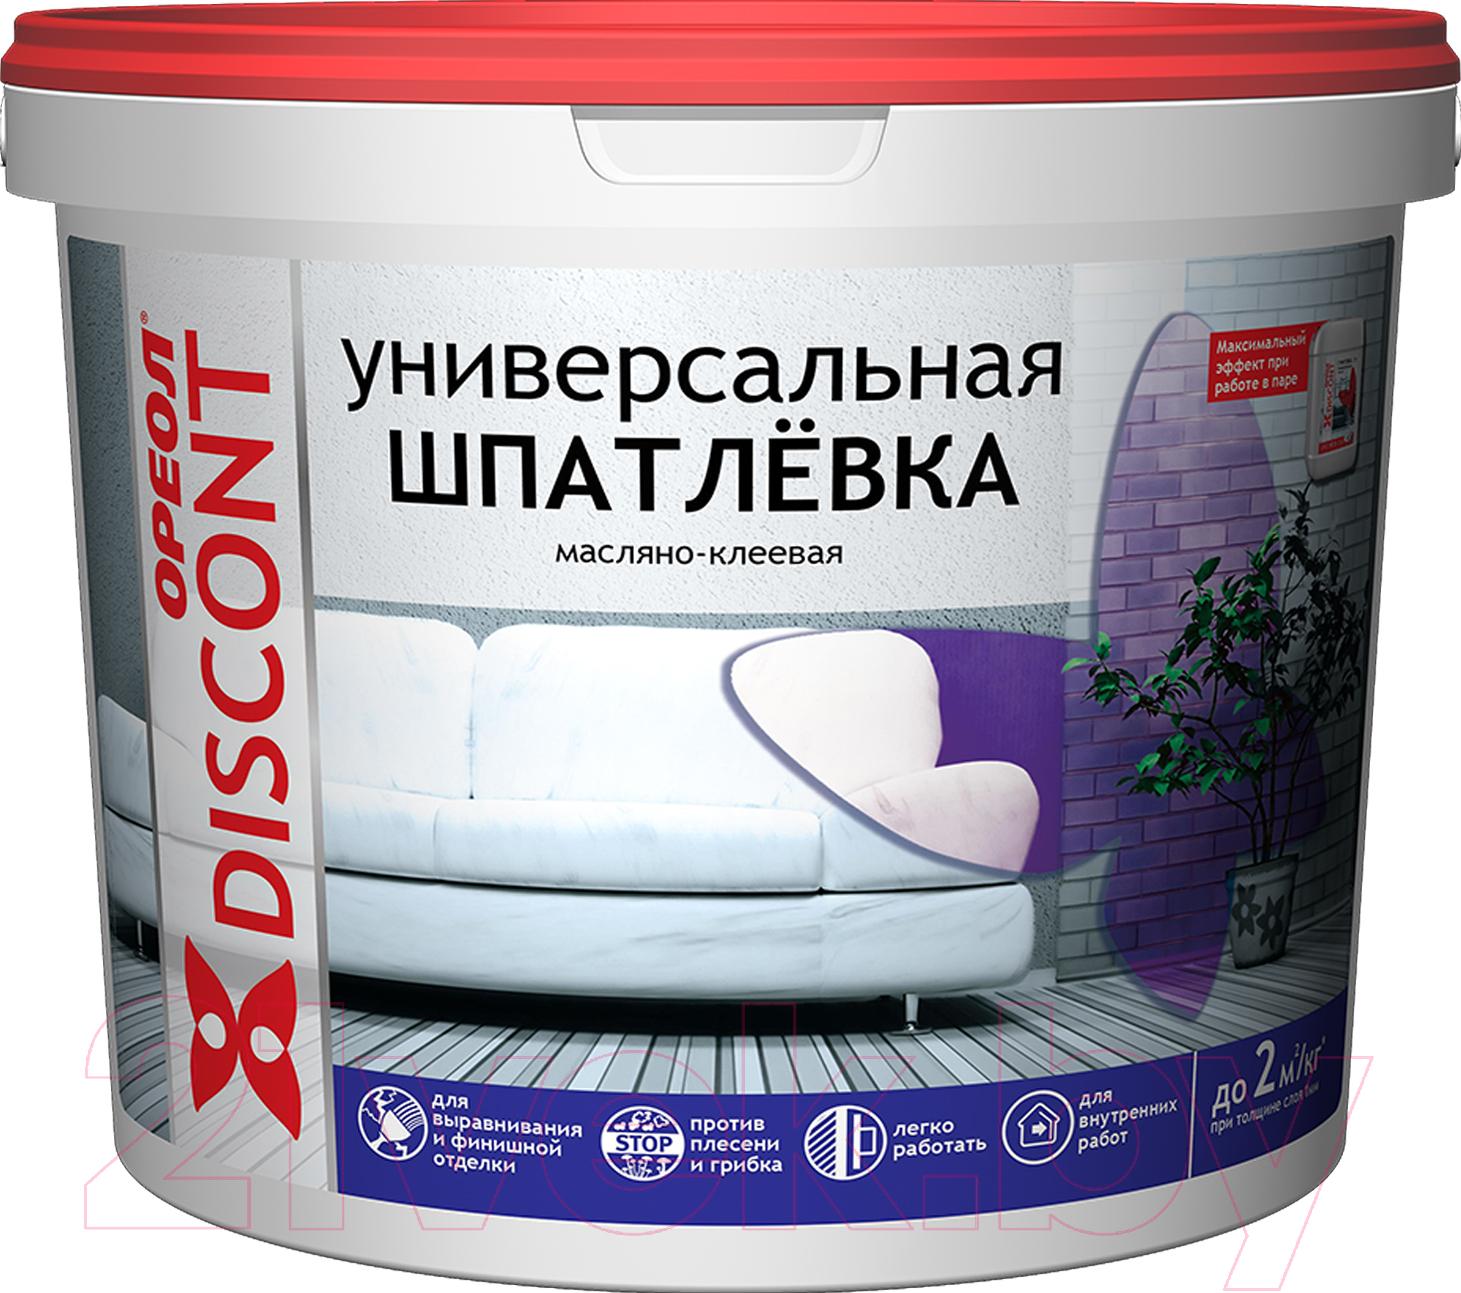 Купить Шпатлевка Ореол, Дисконт универсальная масляно-клеевая (4кг), Россия